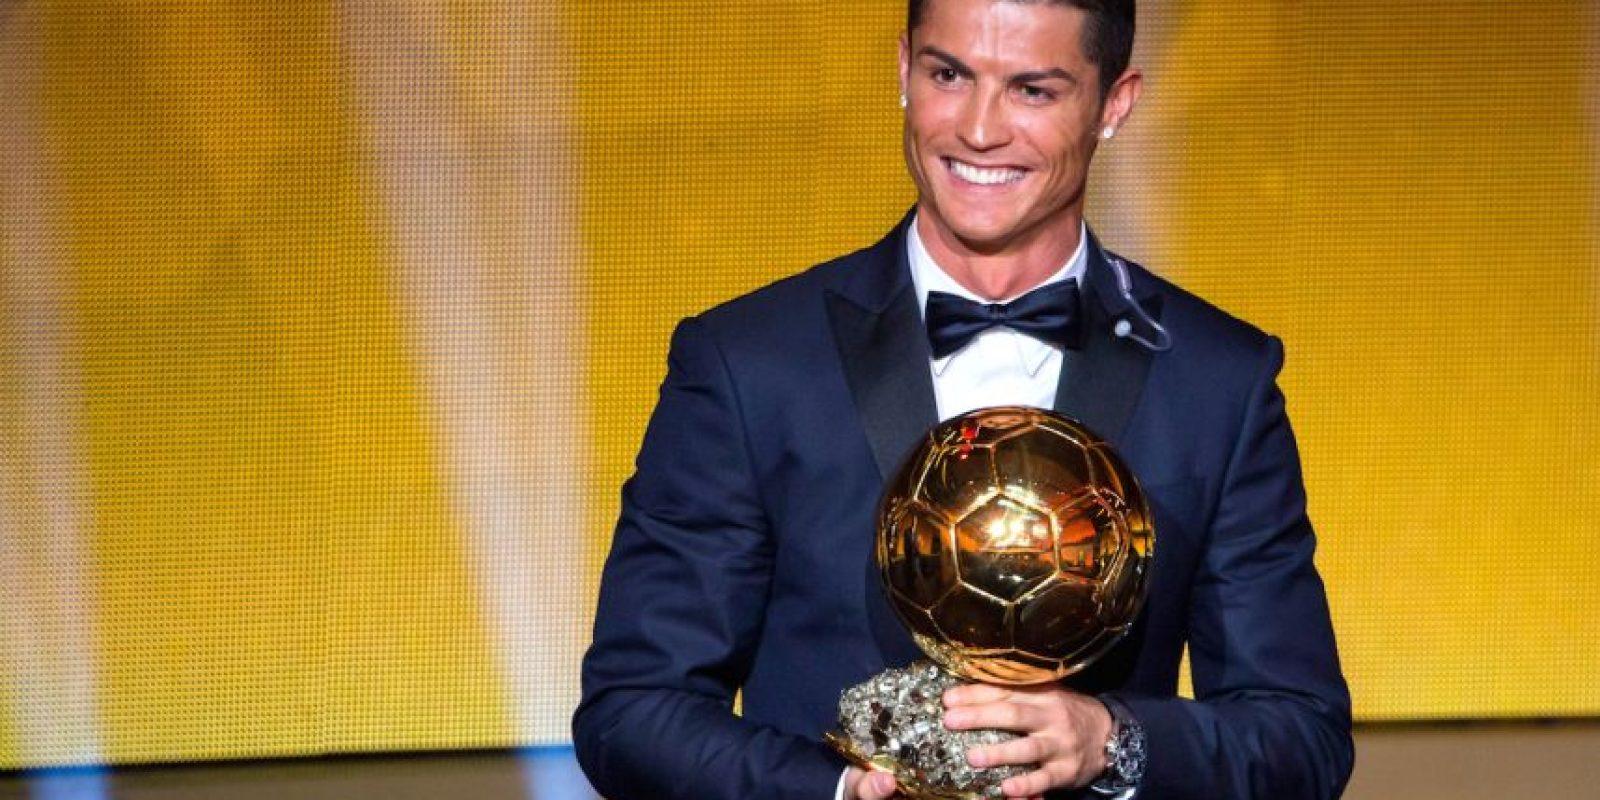 Con 108 millones de seguidores, CR7 es el deportista más seguido en Facebook, pero no el más influyente. Foto:Getty Images